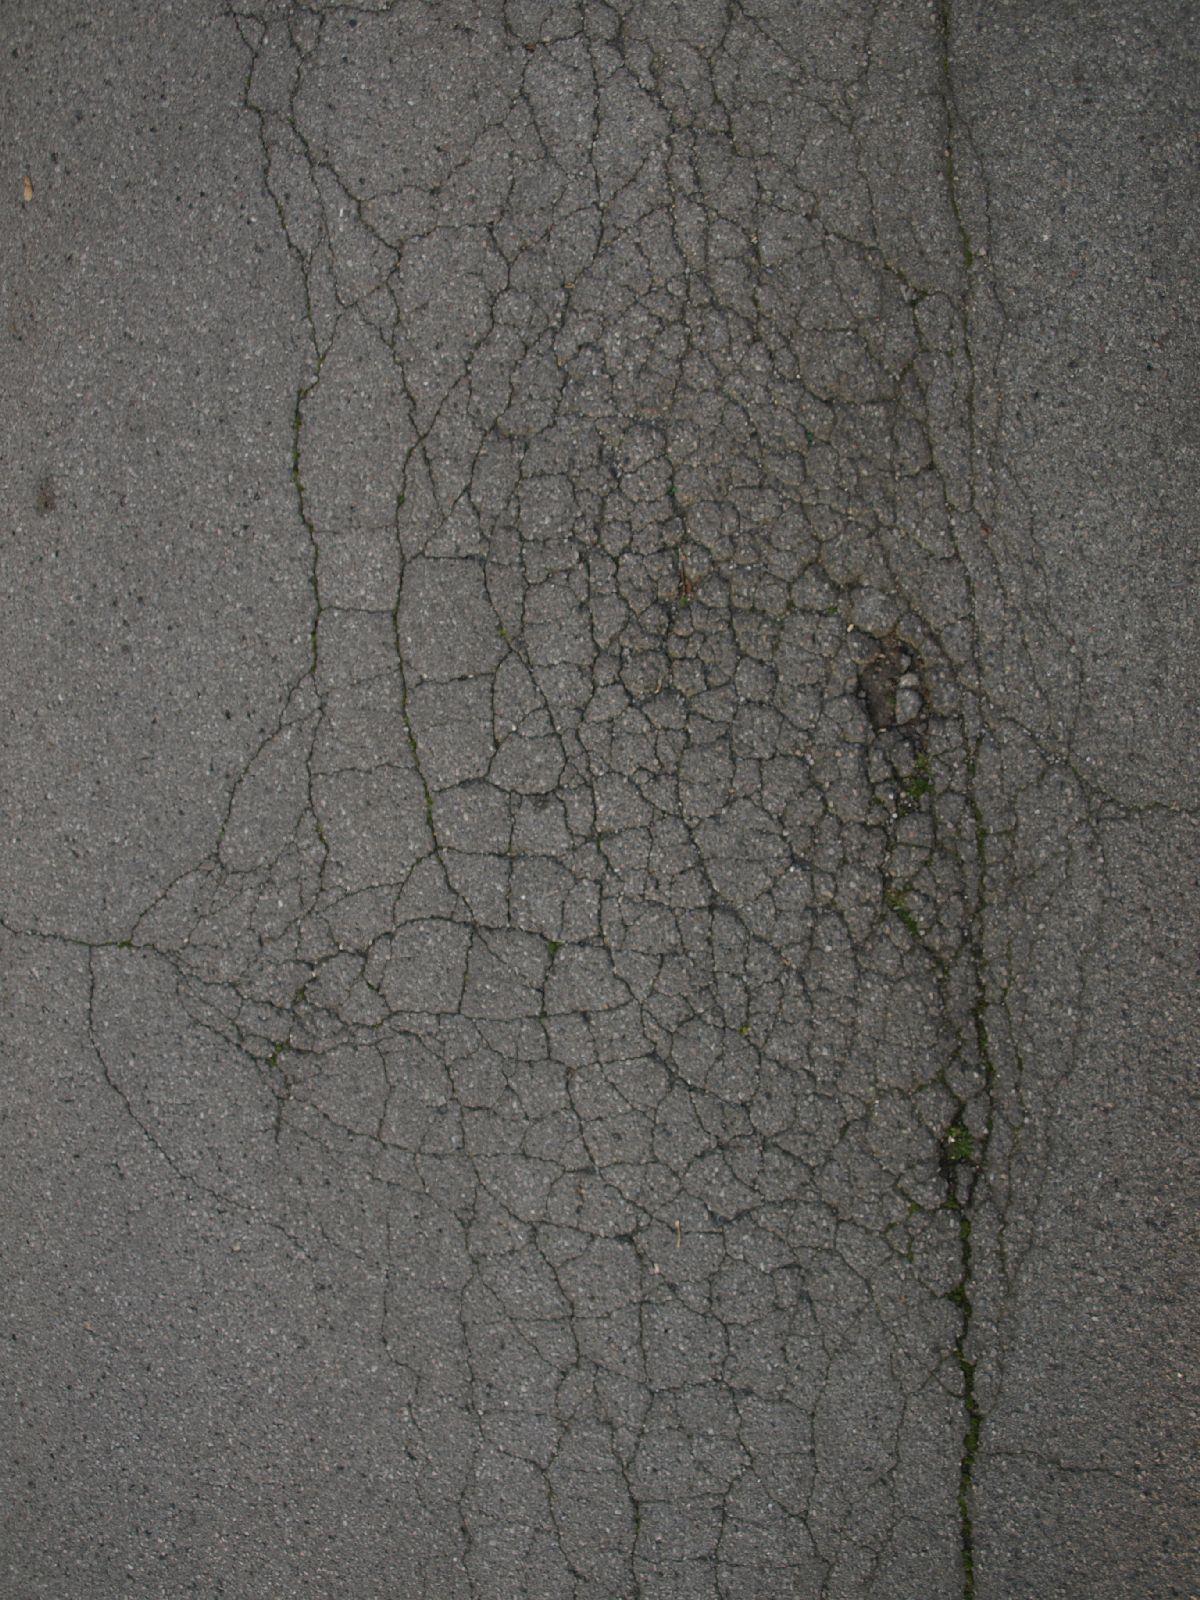 Ground-Urban_Texture_A_P9285591